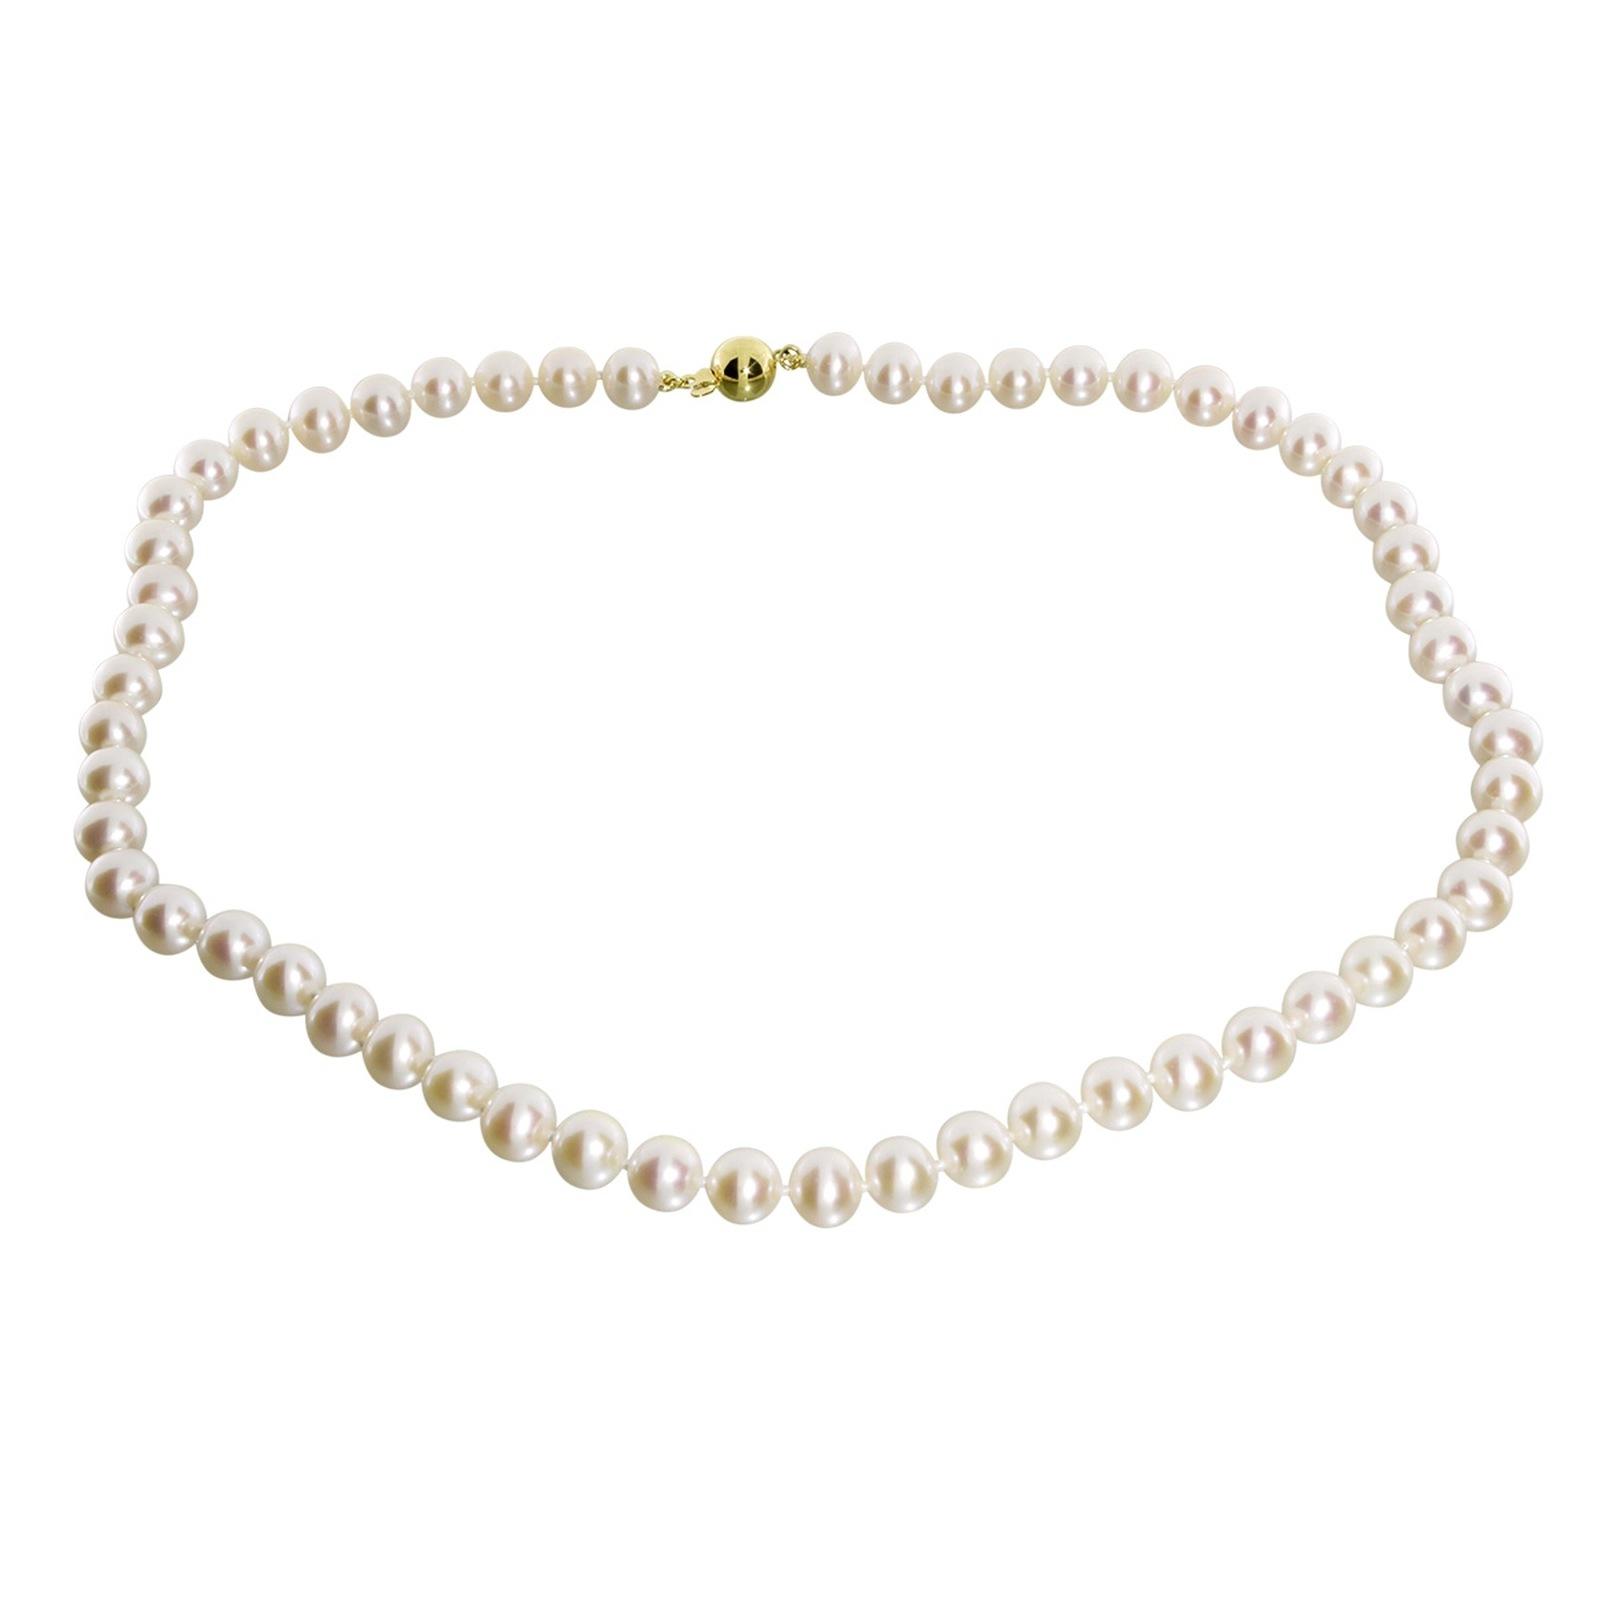 OSTSEE-SCHMUCK Perlenkette Ingrid 7 - Gold 585 Gold 585/000 Süßwasserzuchtperle | Schmuck > Halsketten > Perlenketten | Ostsee-Schmuck